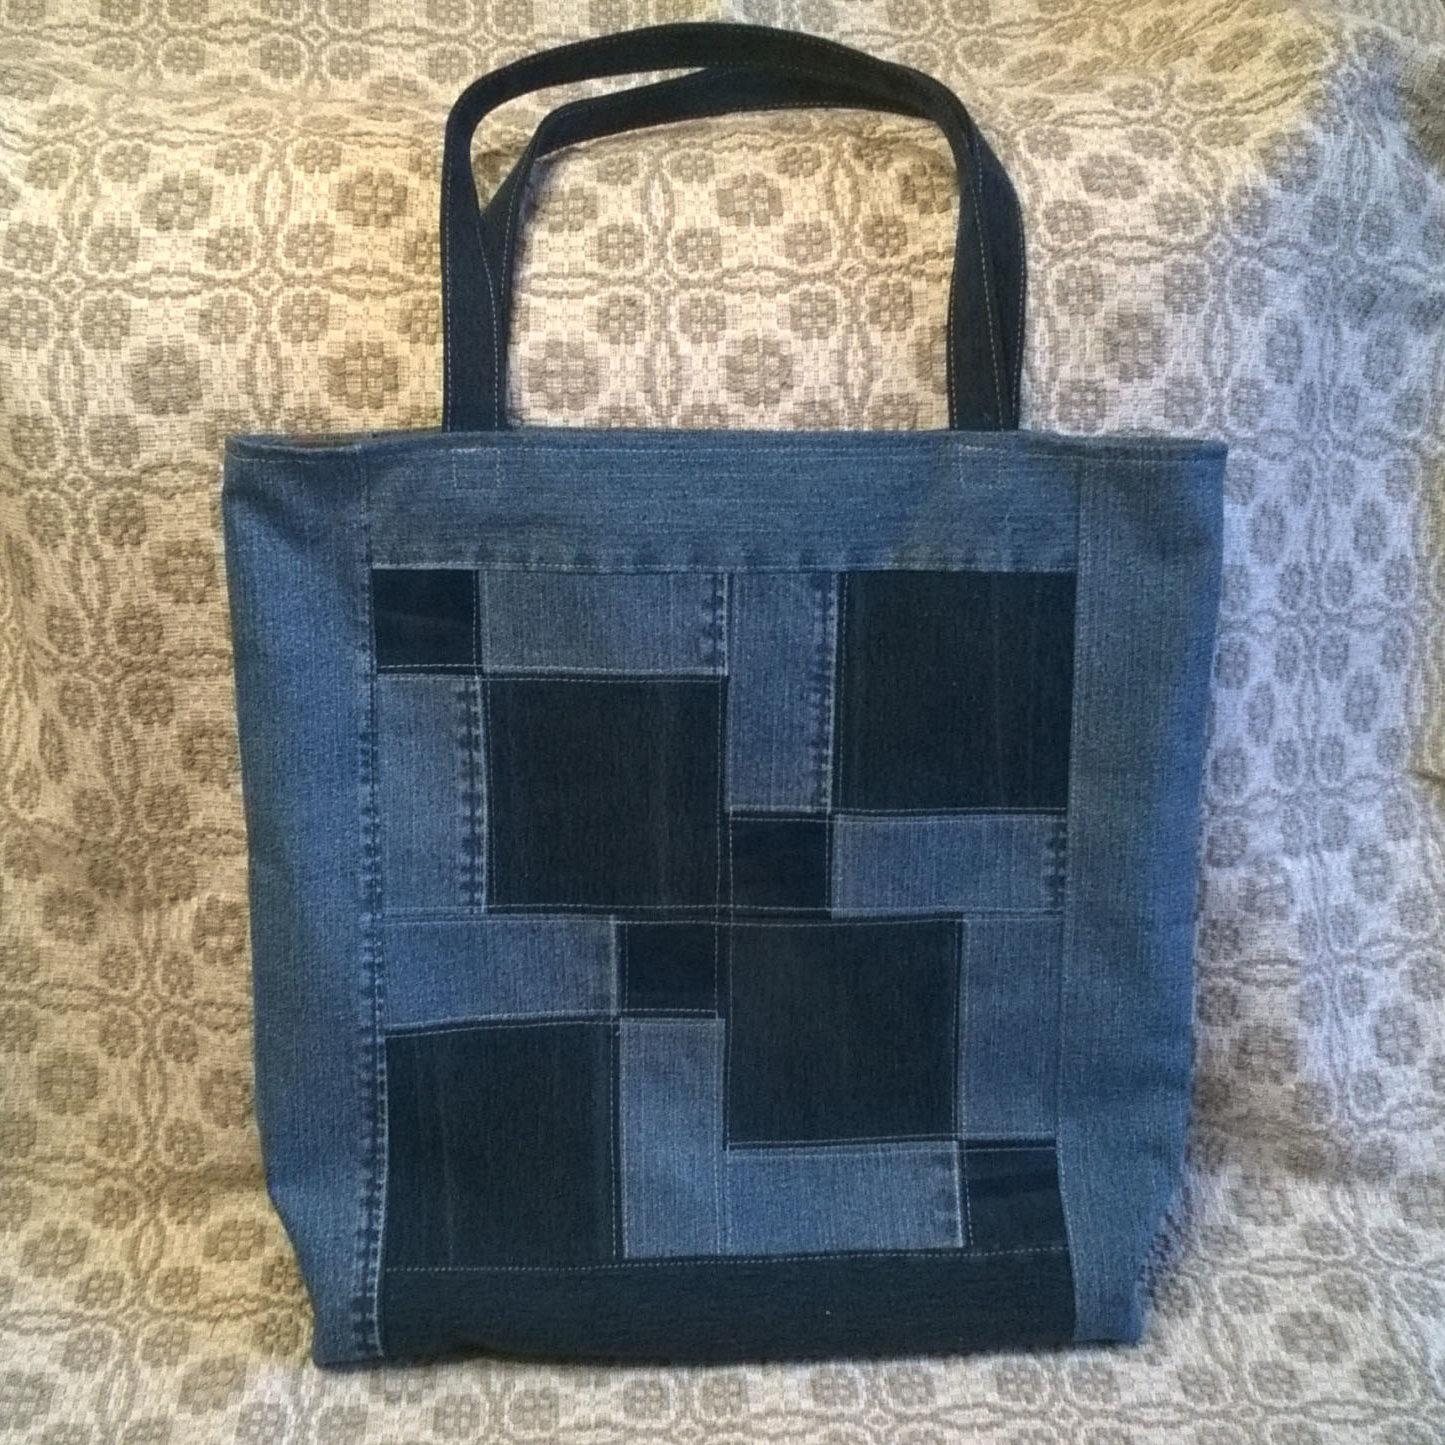 Готова моя джинсовая сумка — Даце Ваитилавича (Vaitilaviča Dace)